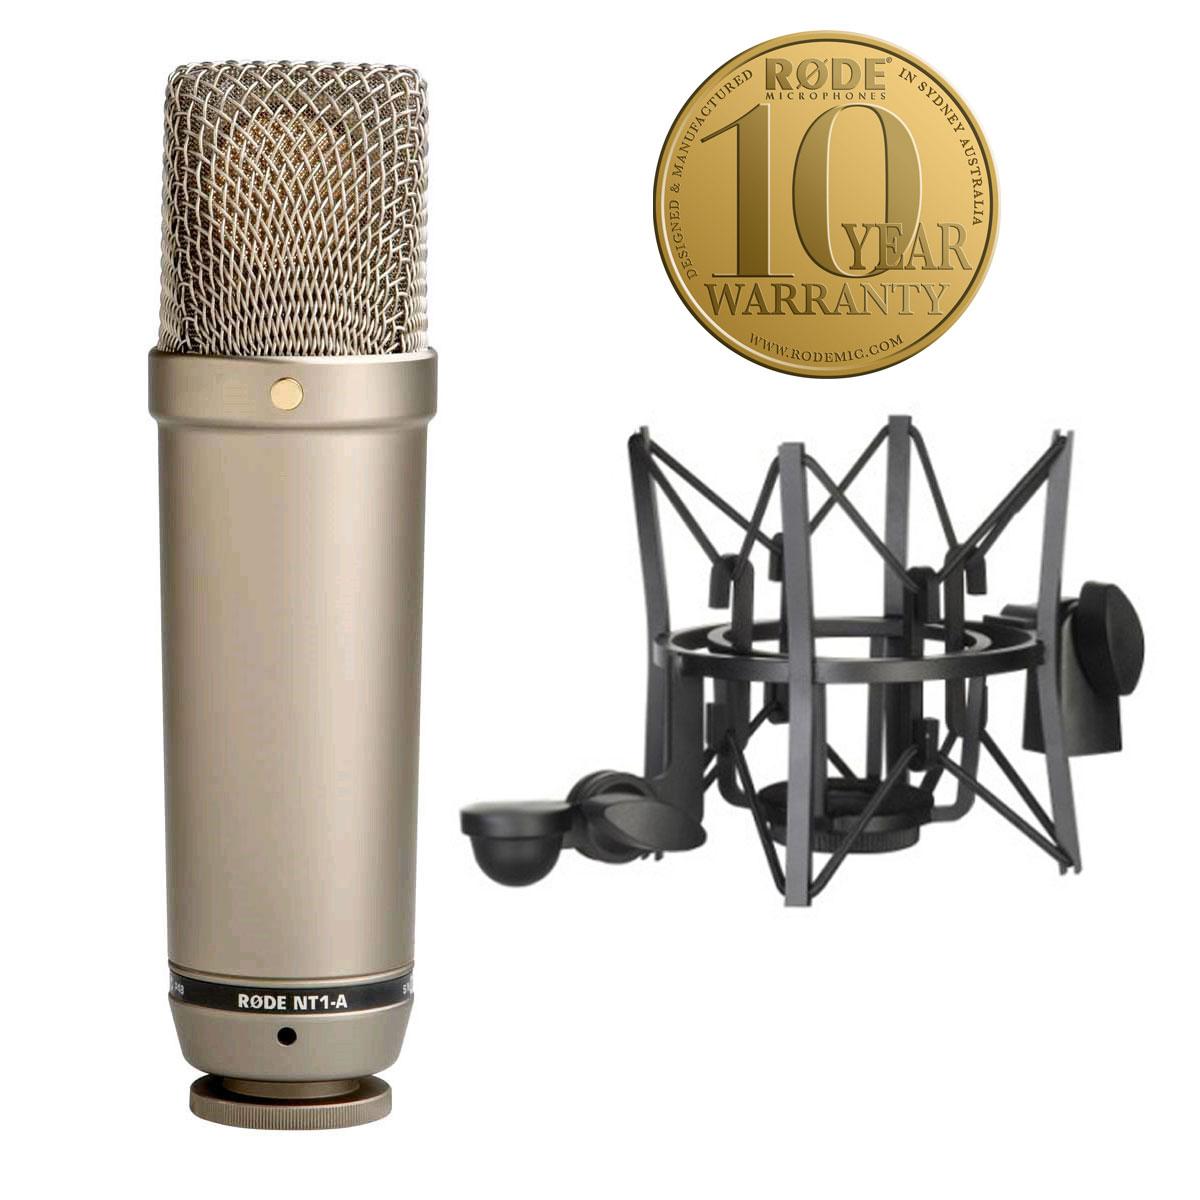 Podłącz mikrofon pojemnościowy